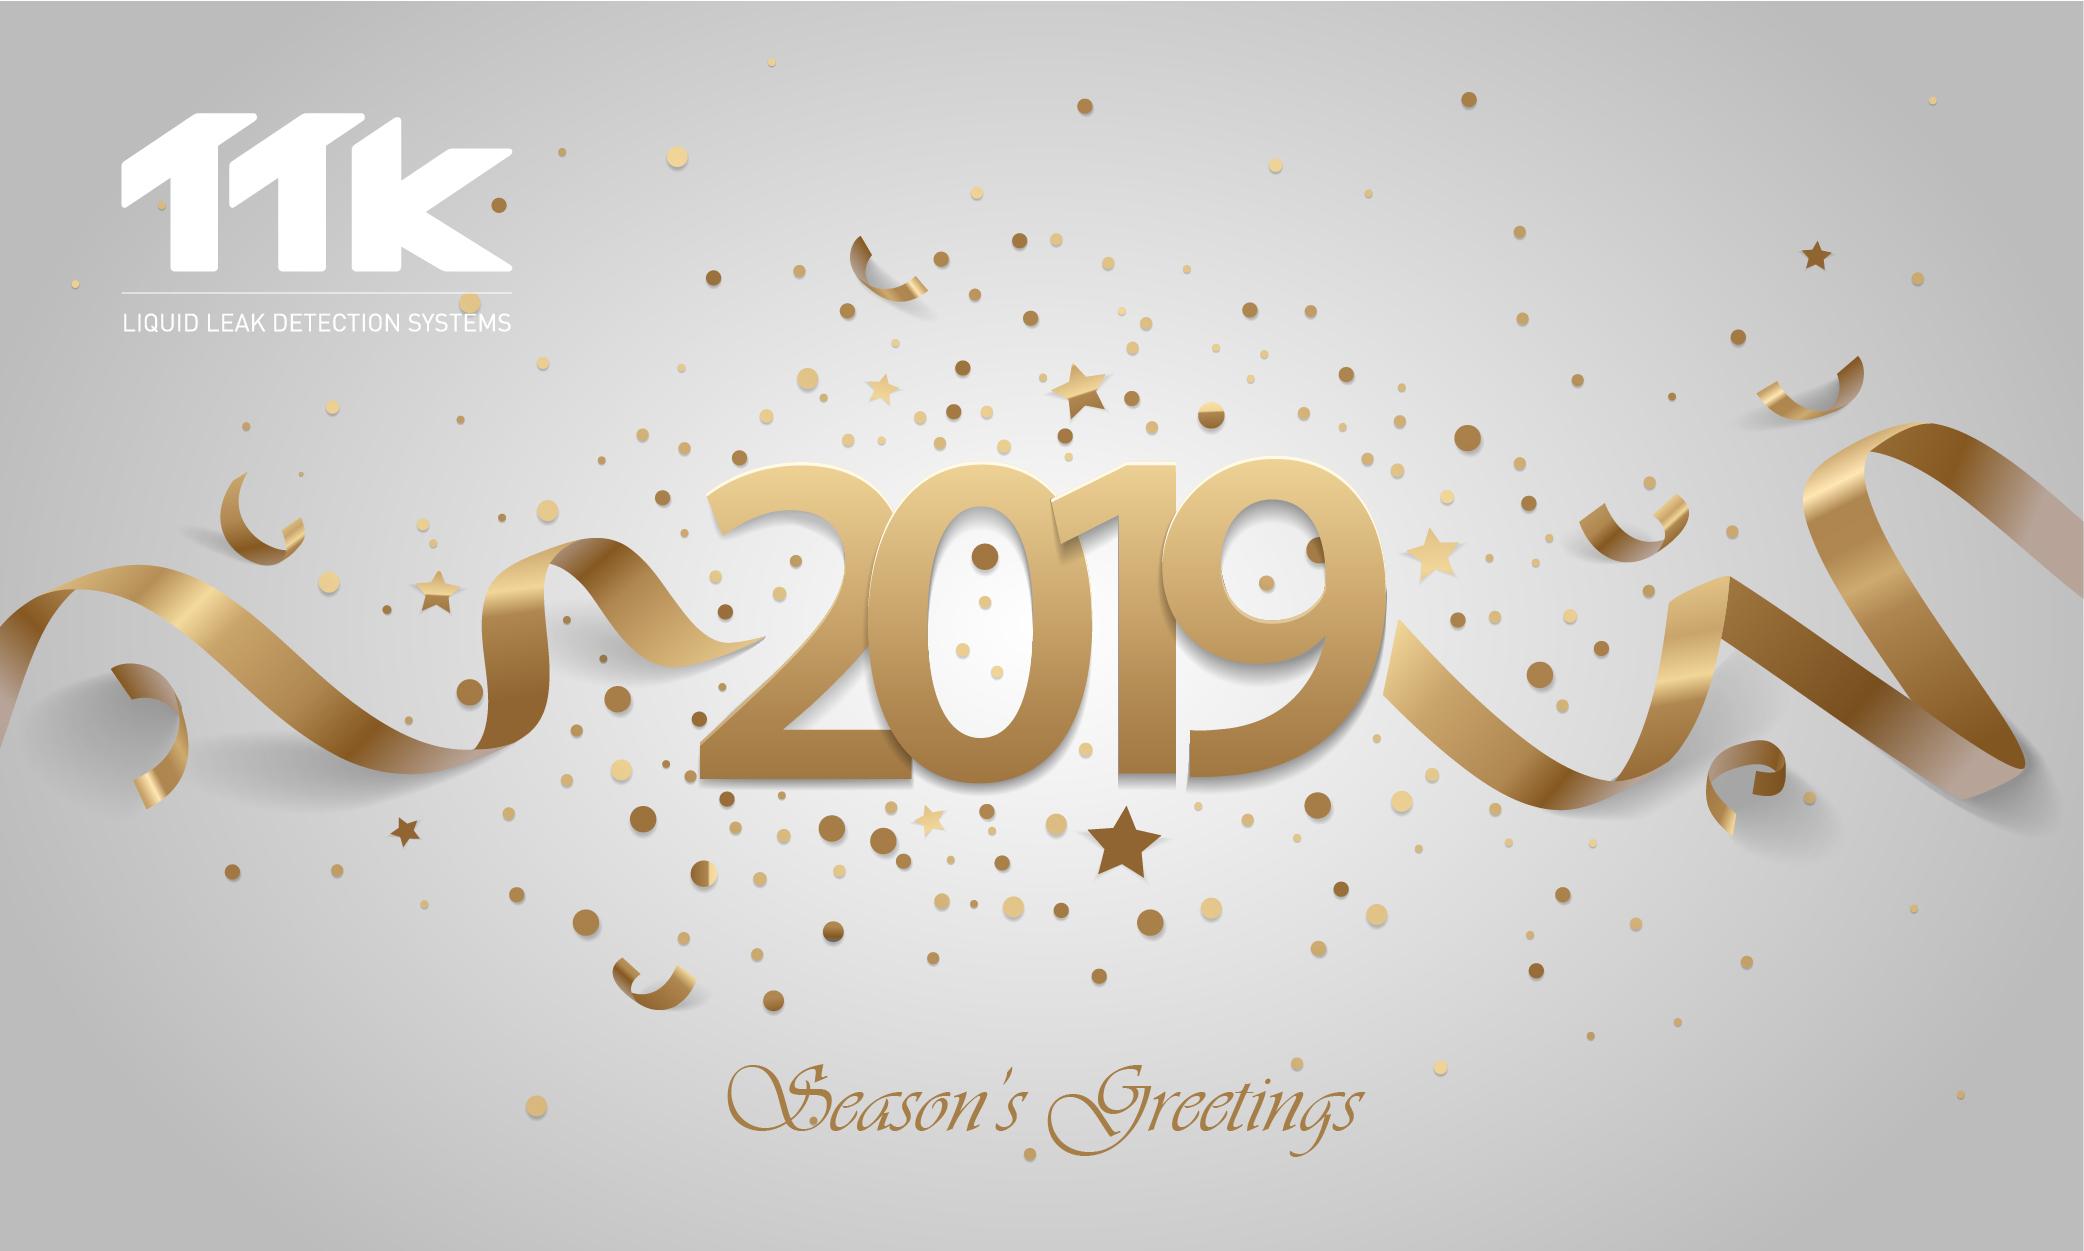 Season's greetings from TTK